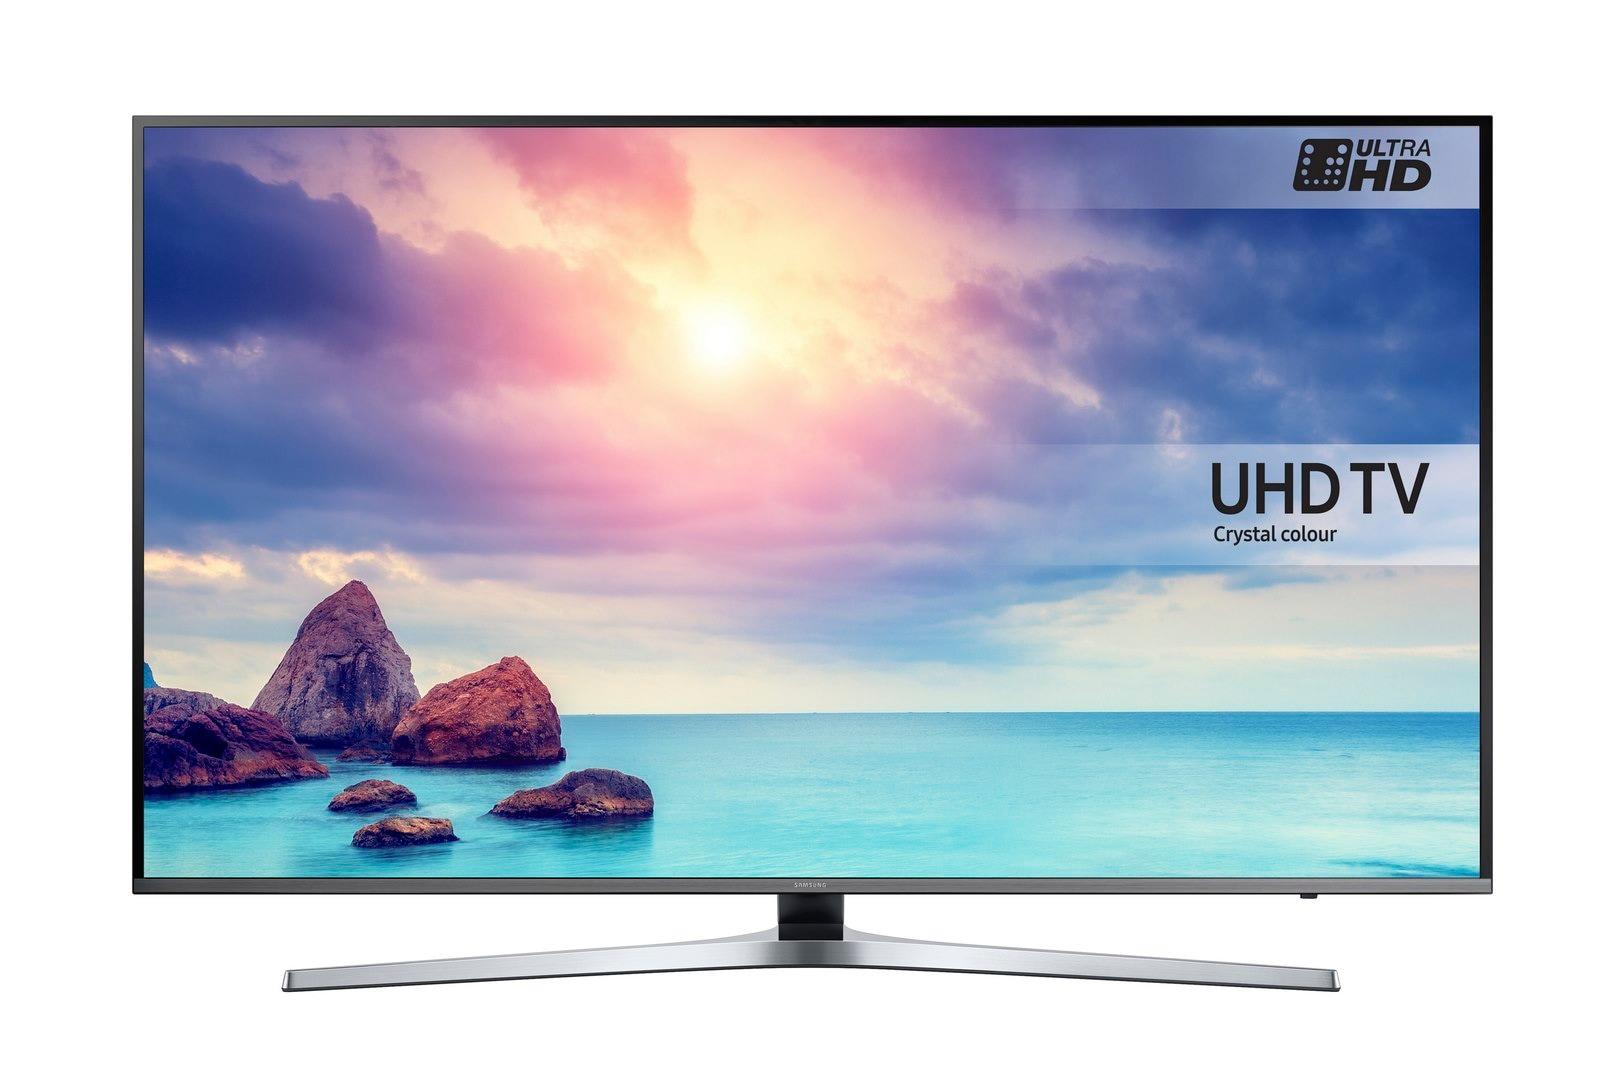 6-Series UHD TV UE55KU6450